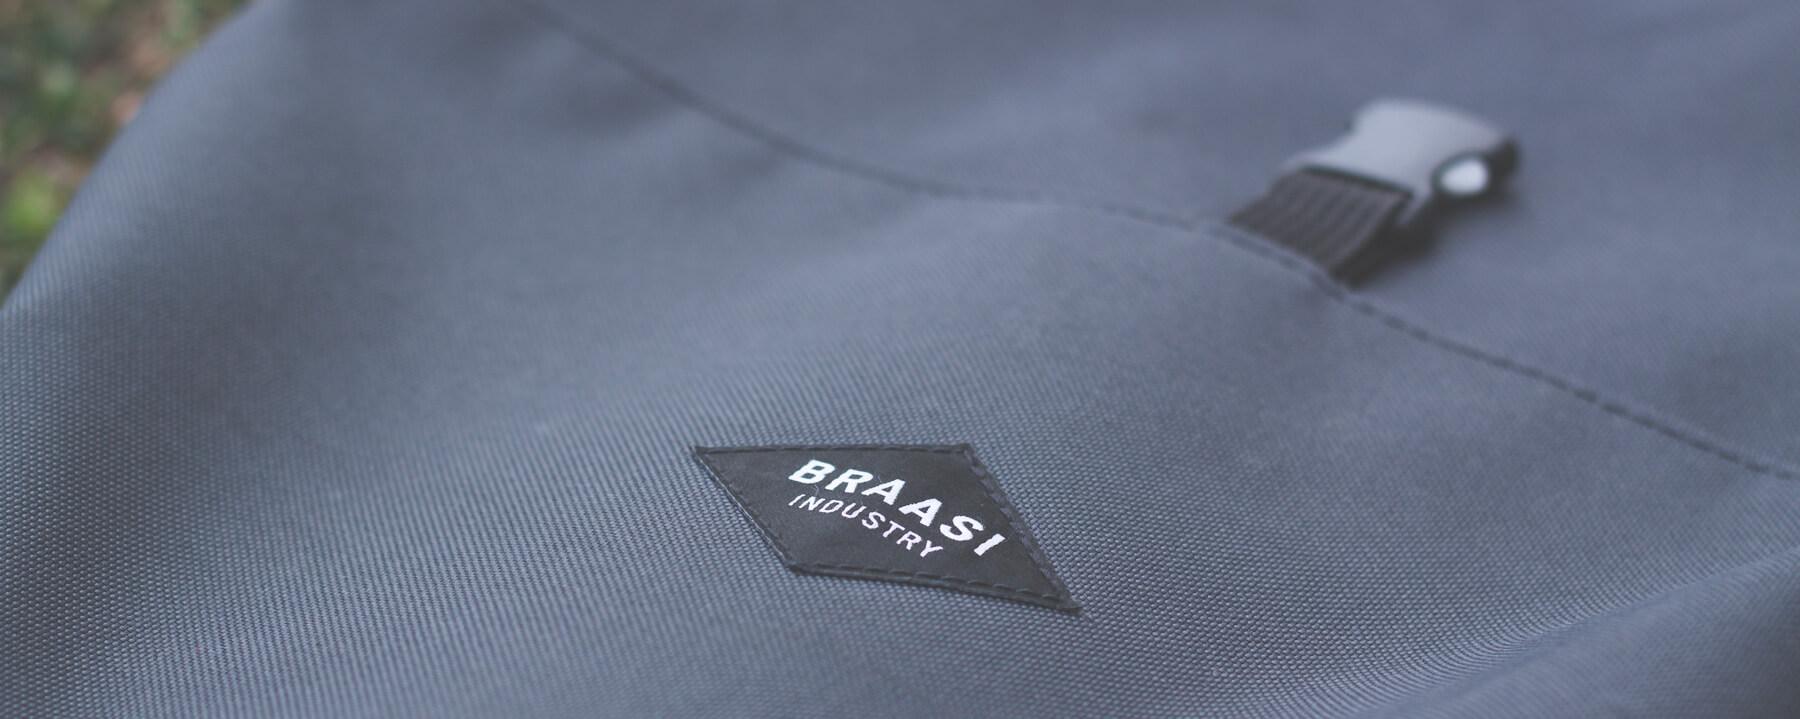 batoh-braasi-industry-rolltop-material-cordura